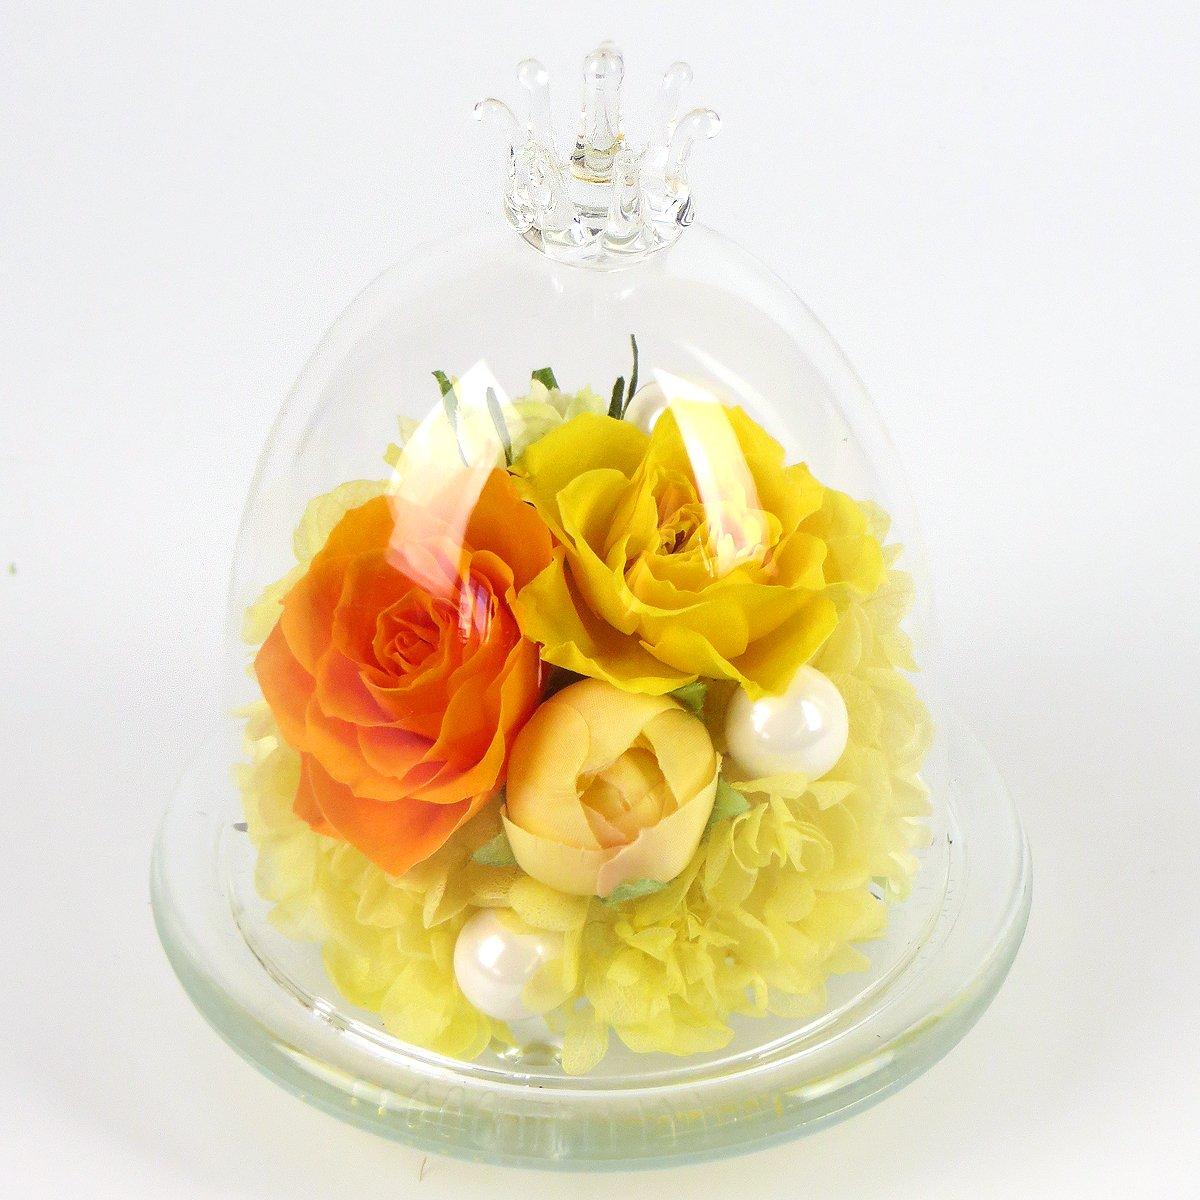 【水色ギフトBOX】ガラスドーム〈S〉 【イエロー】/プリザーブドフラワー/母の日/父の日 B00OCGT7KC  イエロー